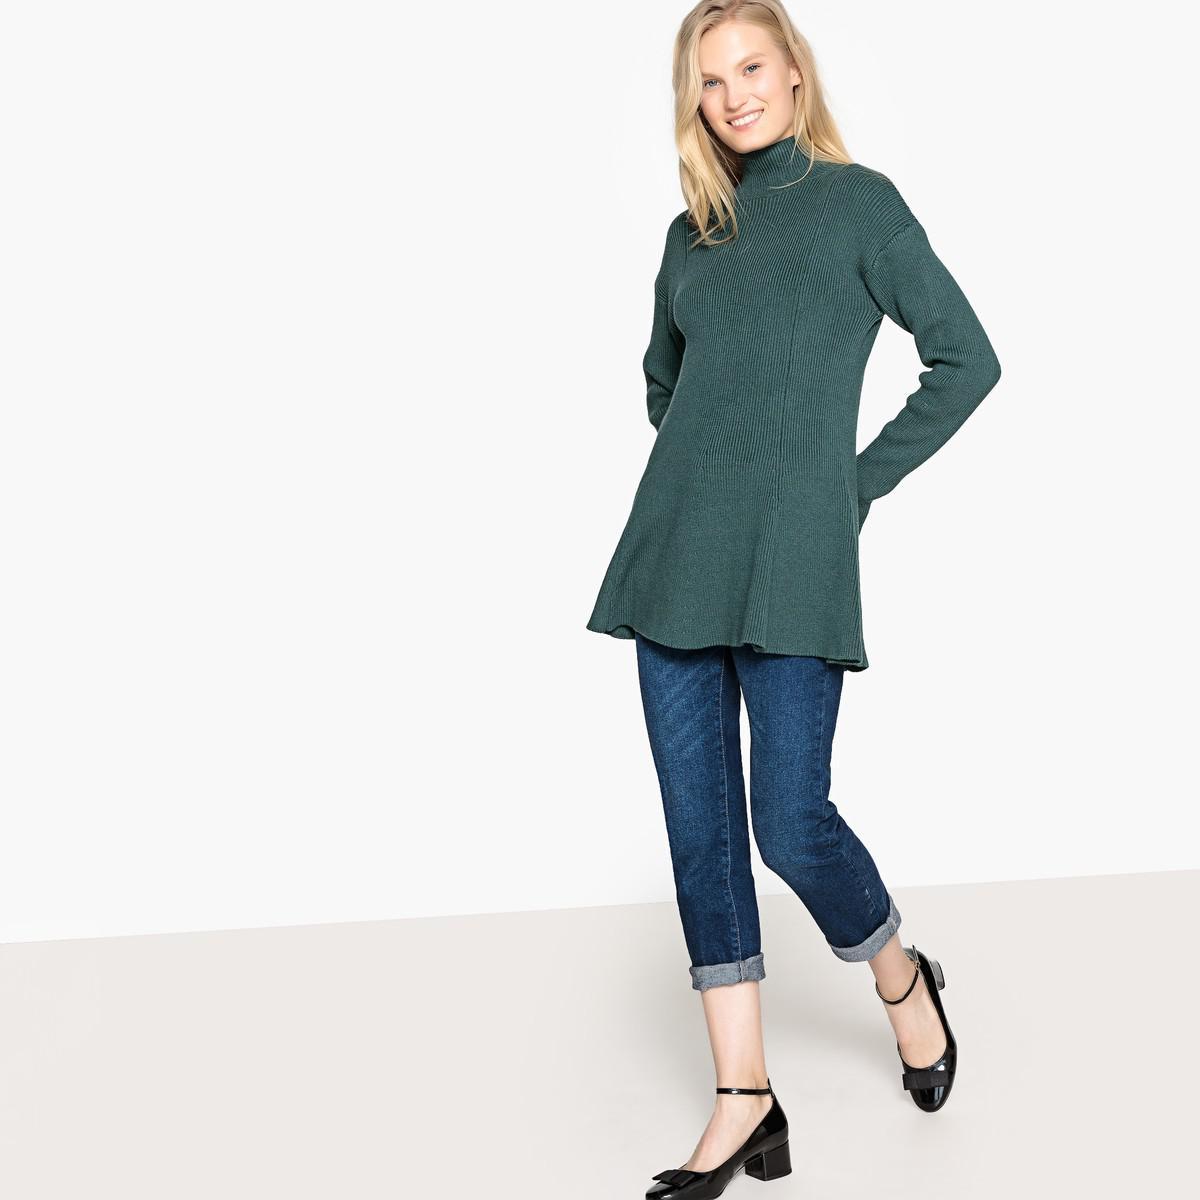 d1975c04df71e3 Lyst - La Redoute High Neck Fine Gauge Knit Jumper sweater in Green